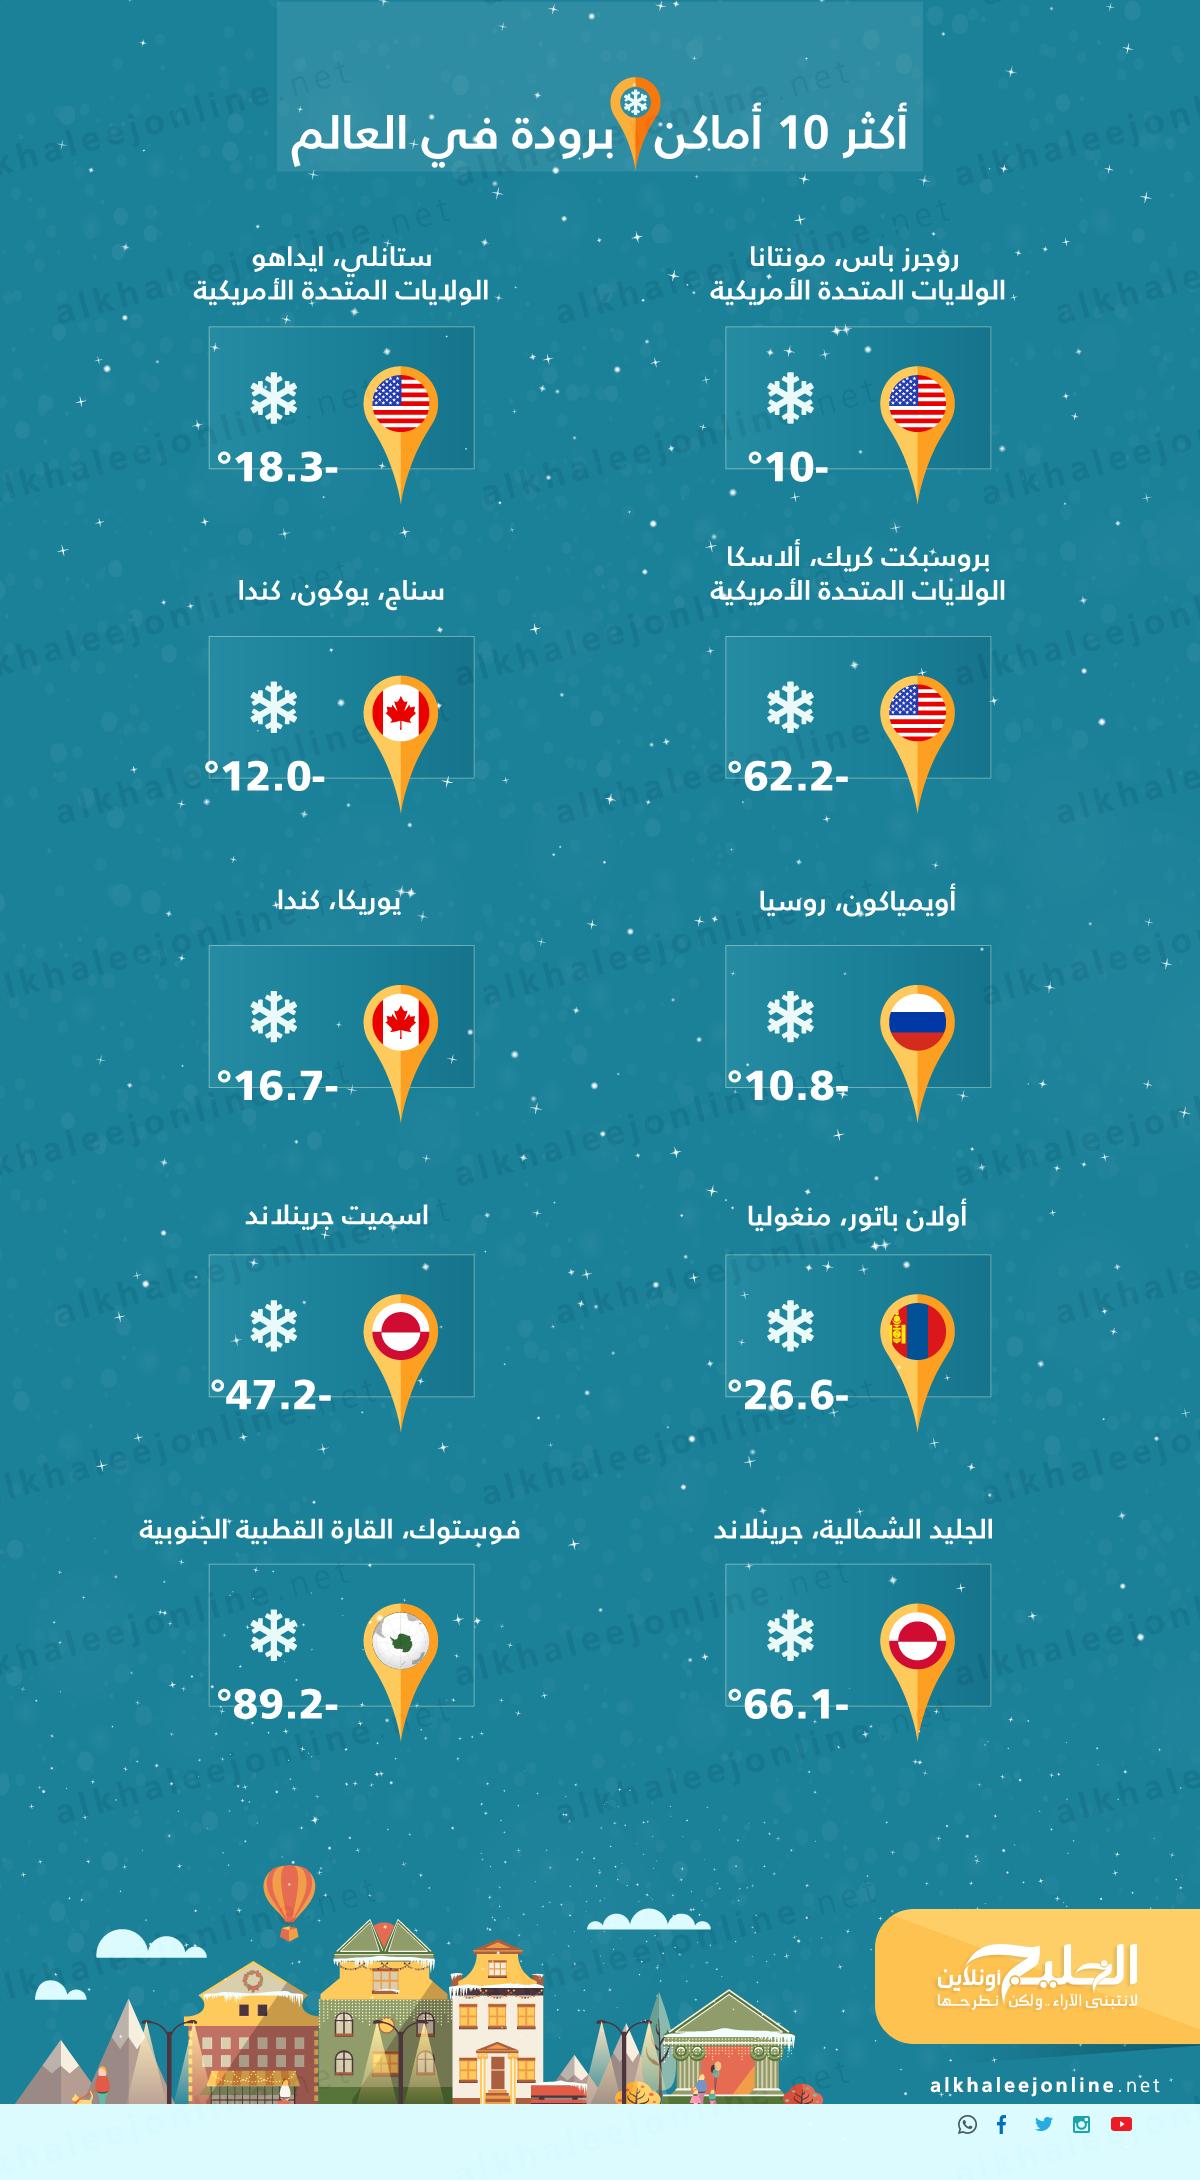 أكثر-المناطق-برودة-في-العالم